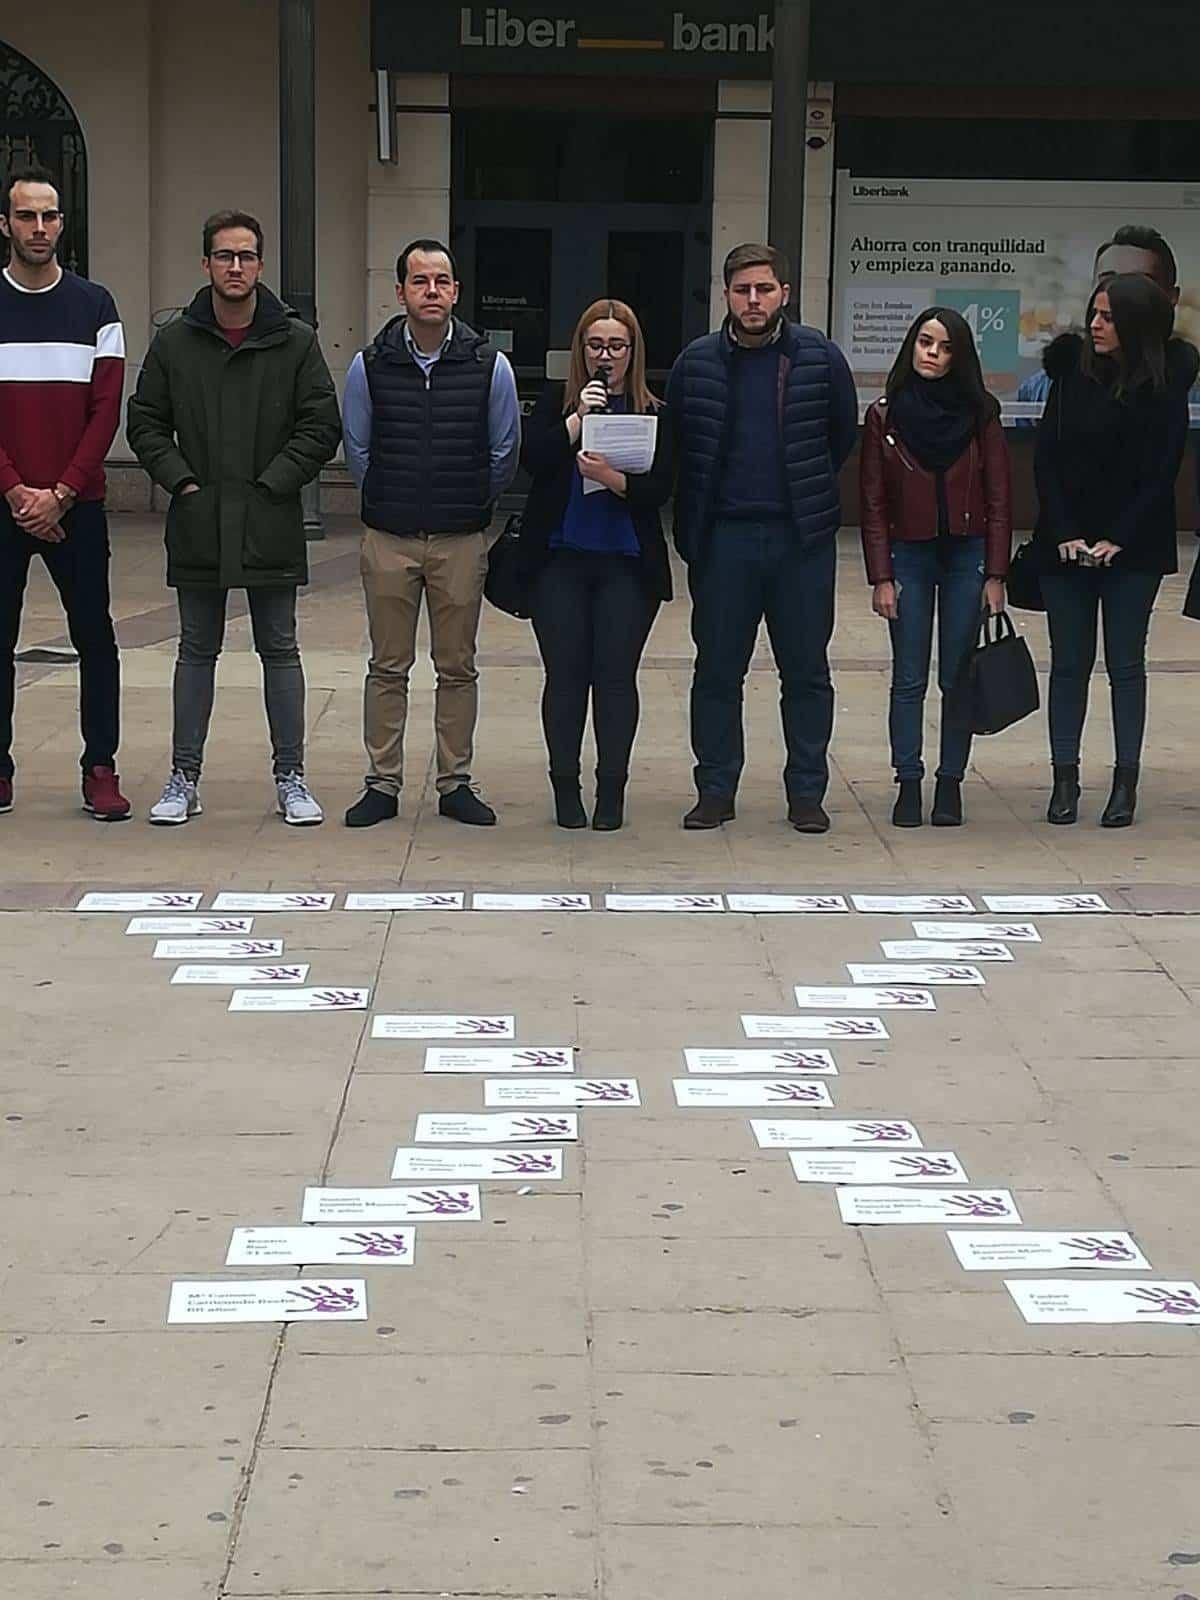 Minuto de silencio contra la violencia de género en Herencia 5